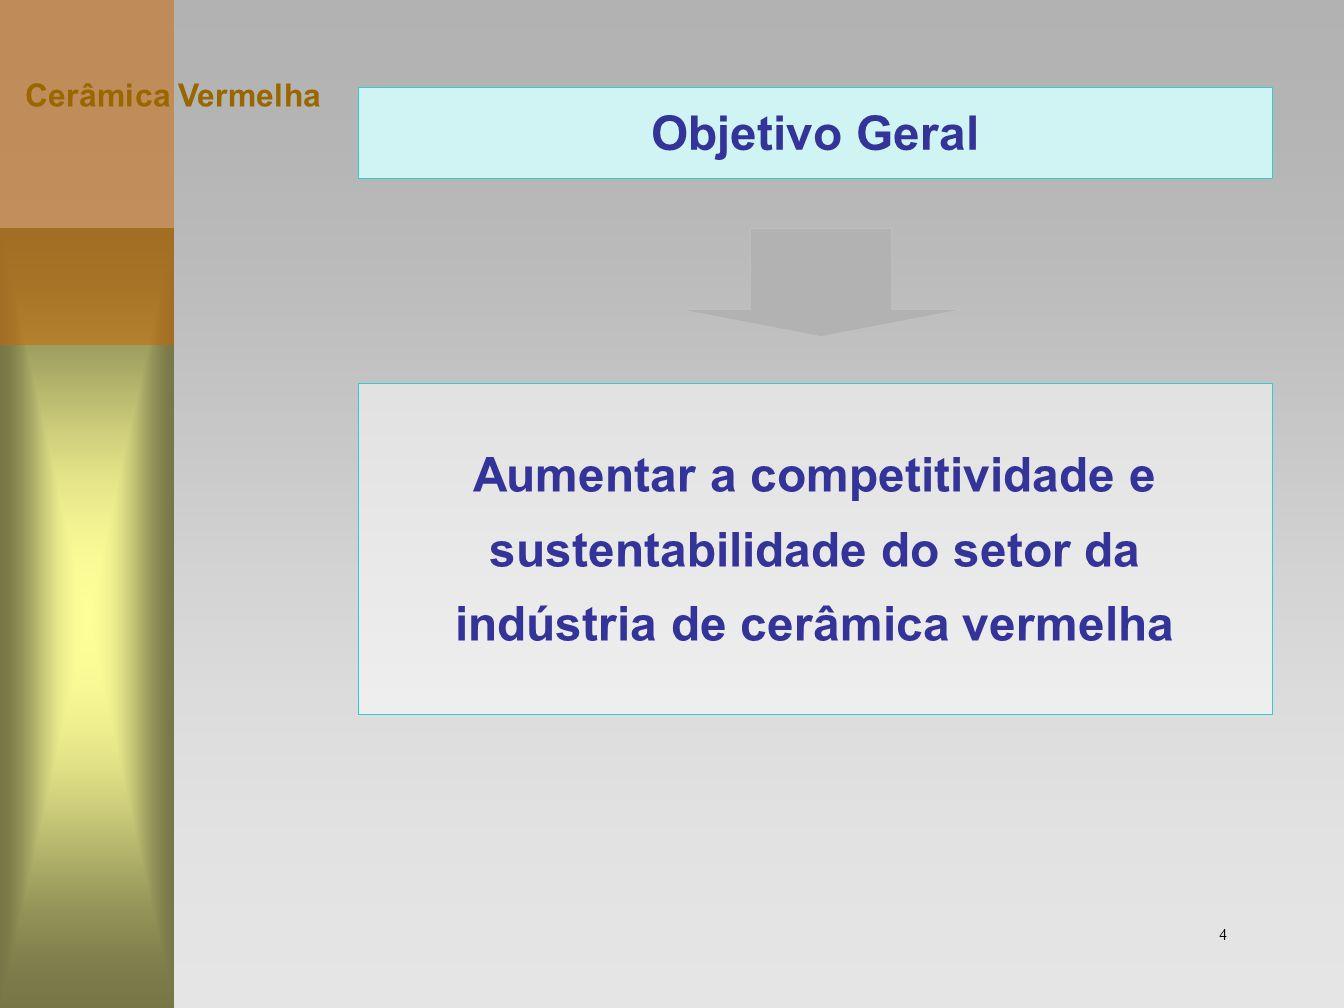 4 Objetivo Geral Aumentar a competitividade e sustentabilidade do setor da indústria de cerâmica vermelha Cerâmica Vermelha